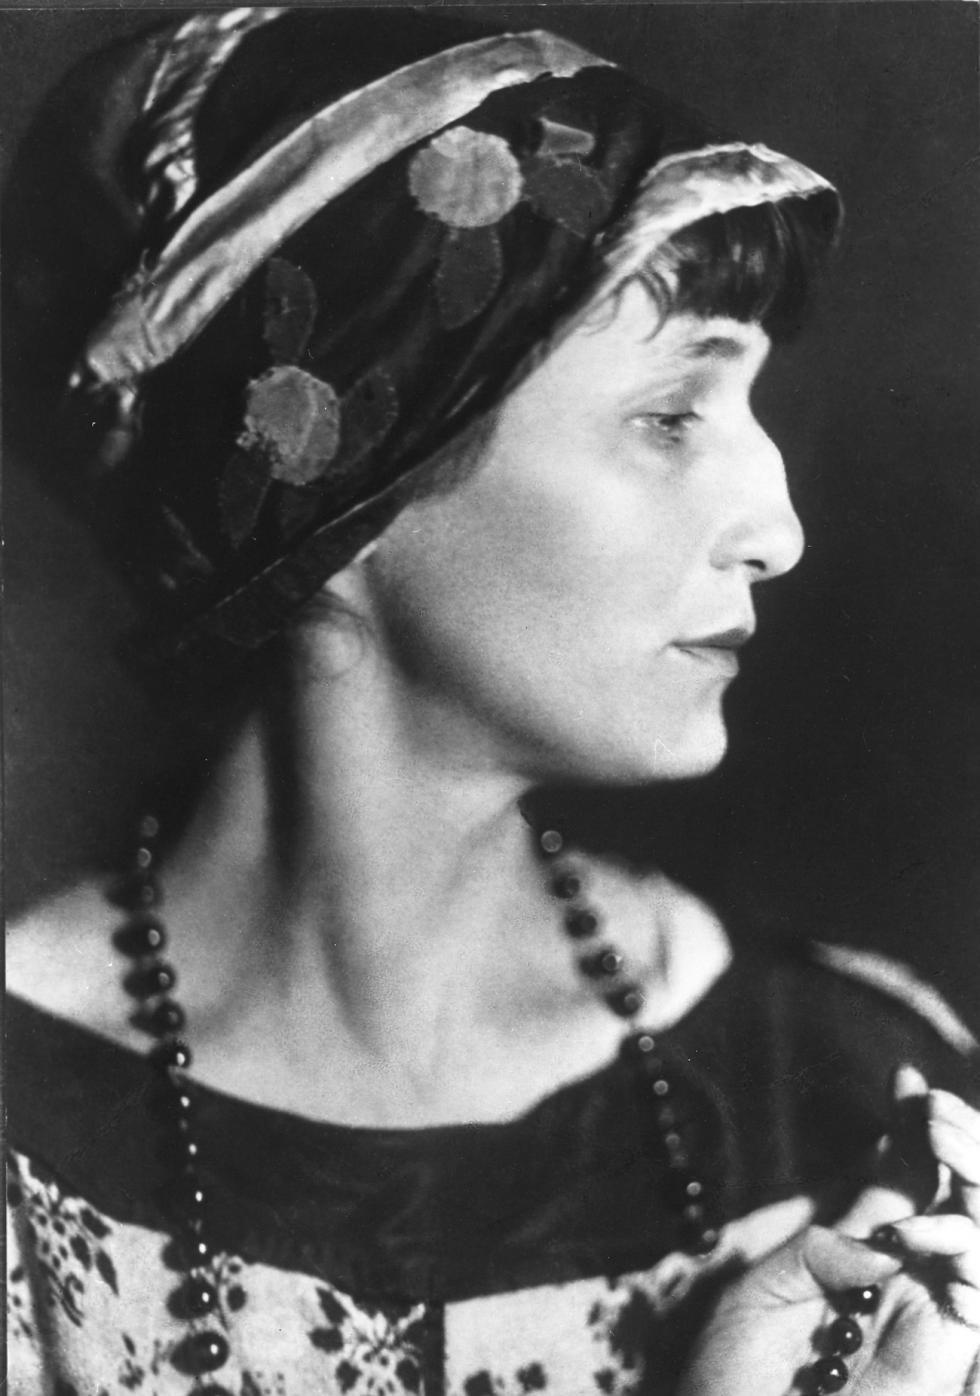 安娜·阿赫玛托娃,1922年。图片来源:Moisey Nappelbaum / 俄新社